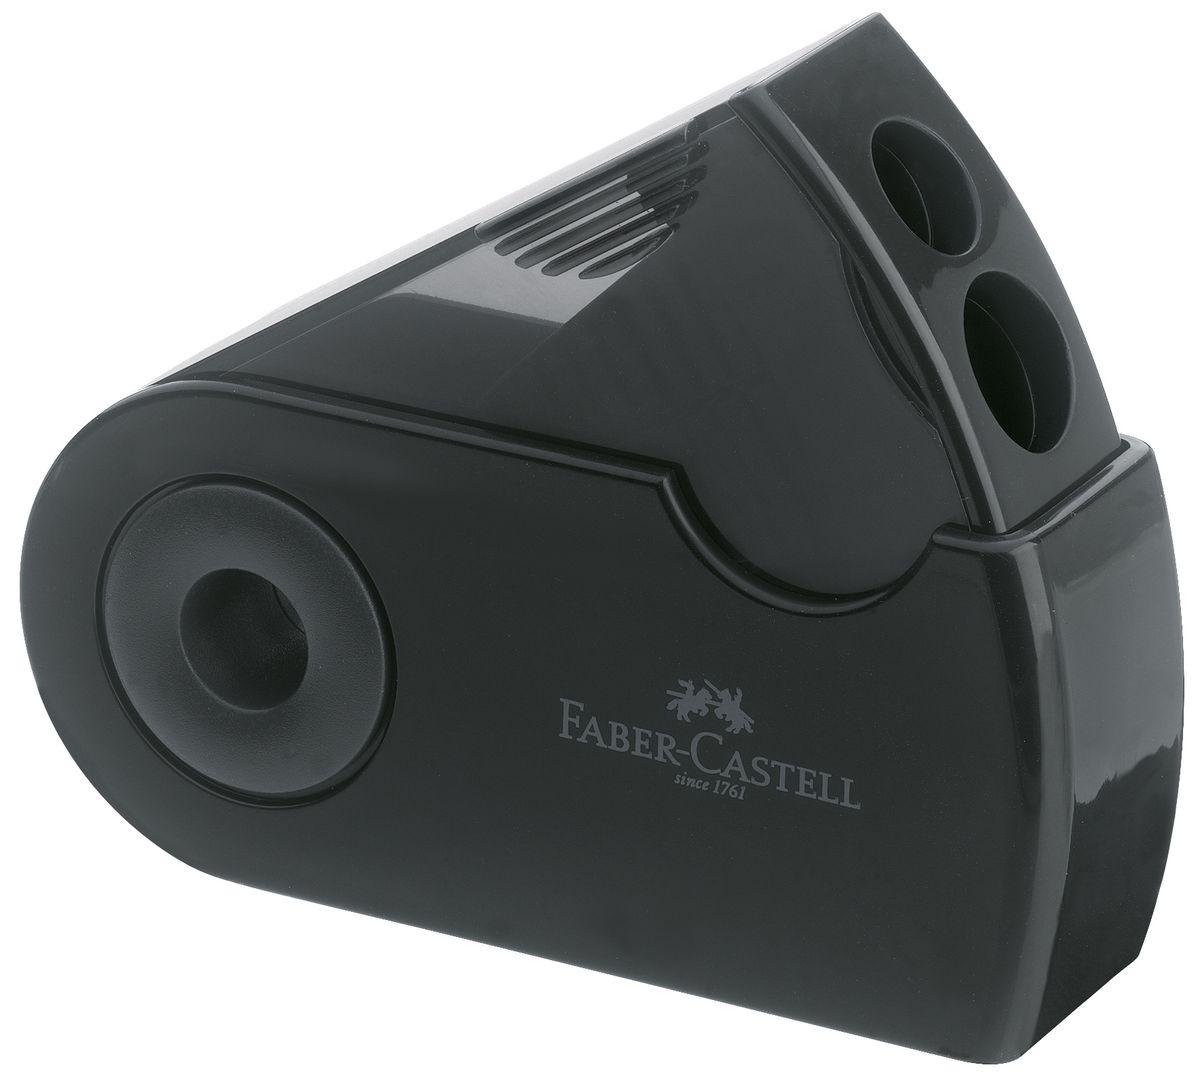 Faber-Castell Точилка двойная Sleeve цвет черный611639Двойная точилка Faber-Castell Sleeve выполнена из прочного пластика.В точилке имеются два отверстия для карандашей разного диаметра. Подходит для различных видов карандашей. Эргономичная форма контейнера обеспечивает стабильное положение кисти. Карандаш затачивается легко и аккуратно, а опилки после заточки остаются в специальном контейнере повышенной вместимости.